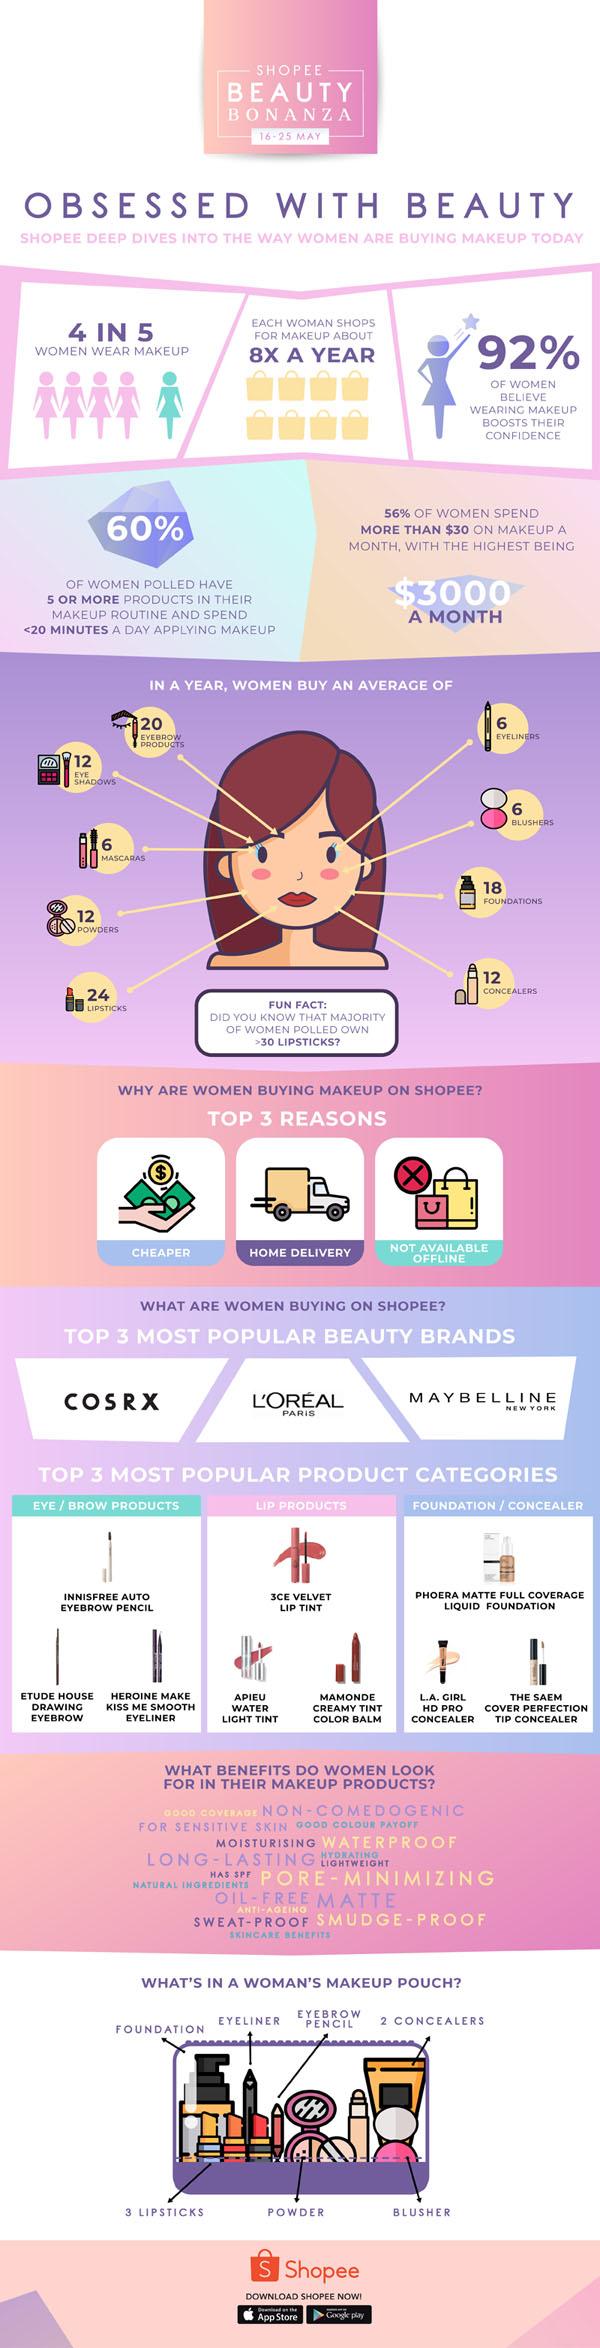 Shopee Beauty Trend